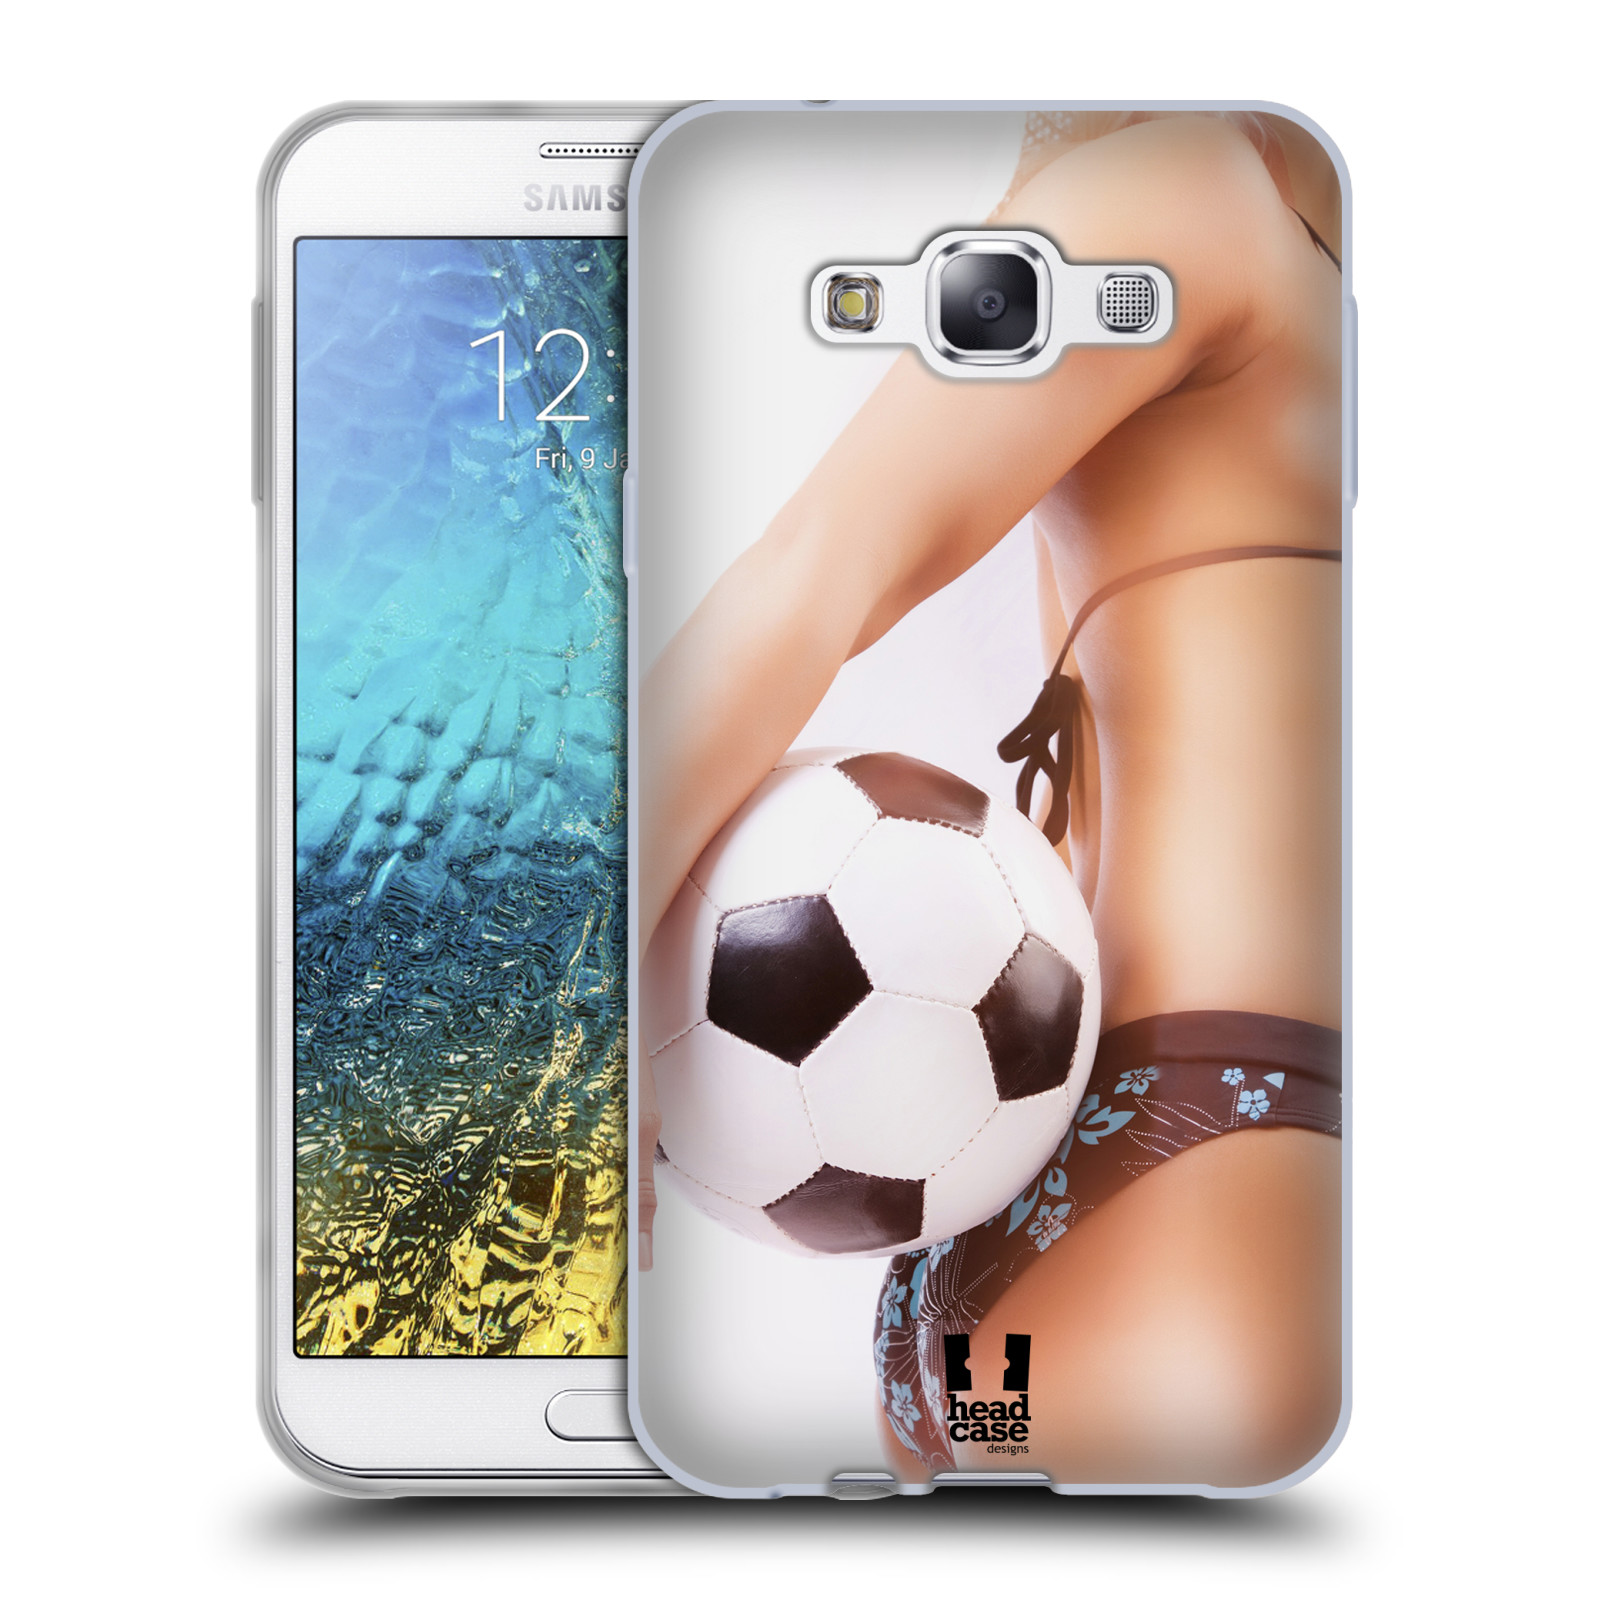 HEAD CASE silikonový obal na mobil Samsung Galaxy E7 vzor Fotbalové modelky KOPACÍ MÍČ